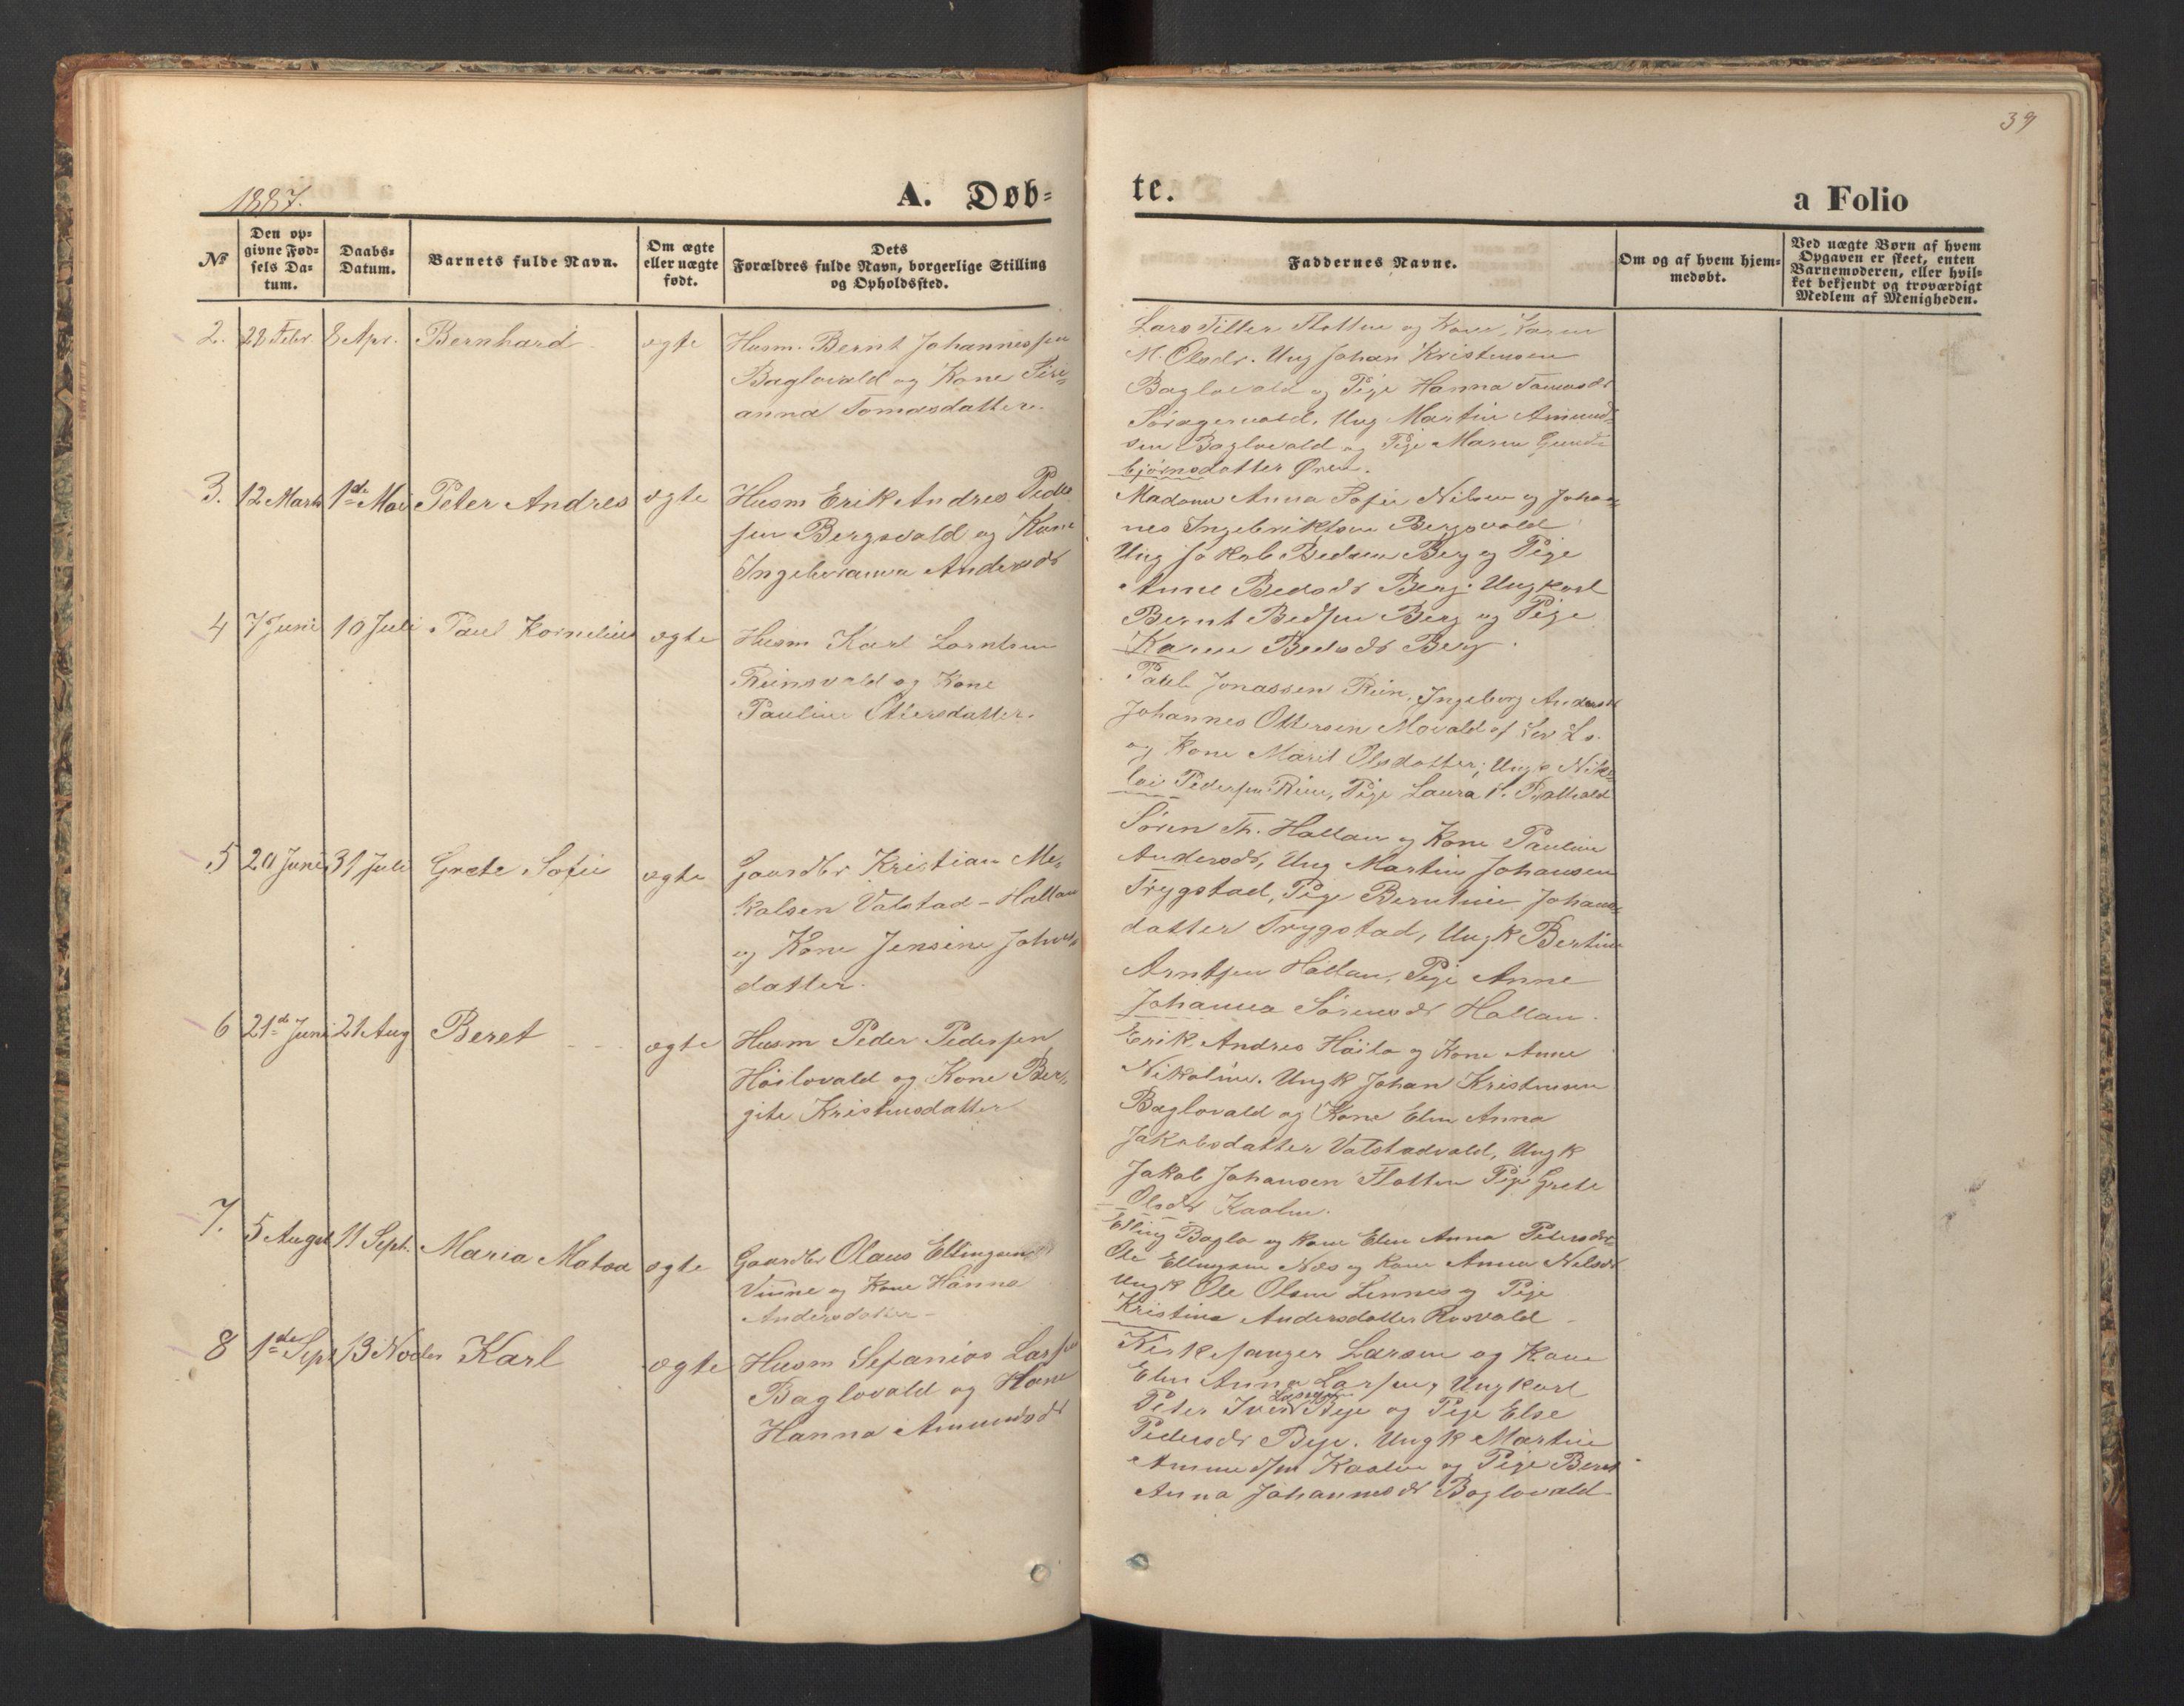 SAT, Ministerialprotokoller, klokkerbøker og fødselsregistre - Nord-Trøndelag, 726/L0271: Klokkerbok nr. 726C02, 1869-1897, s. 39